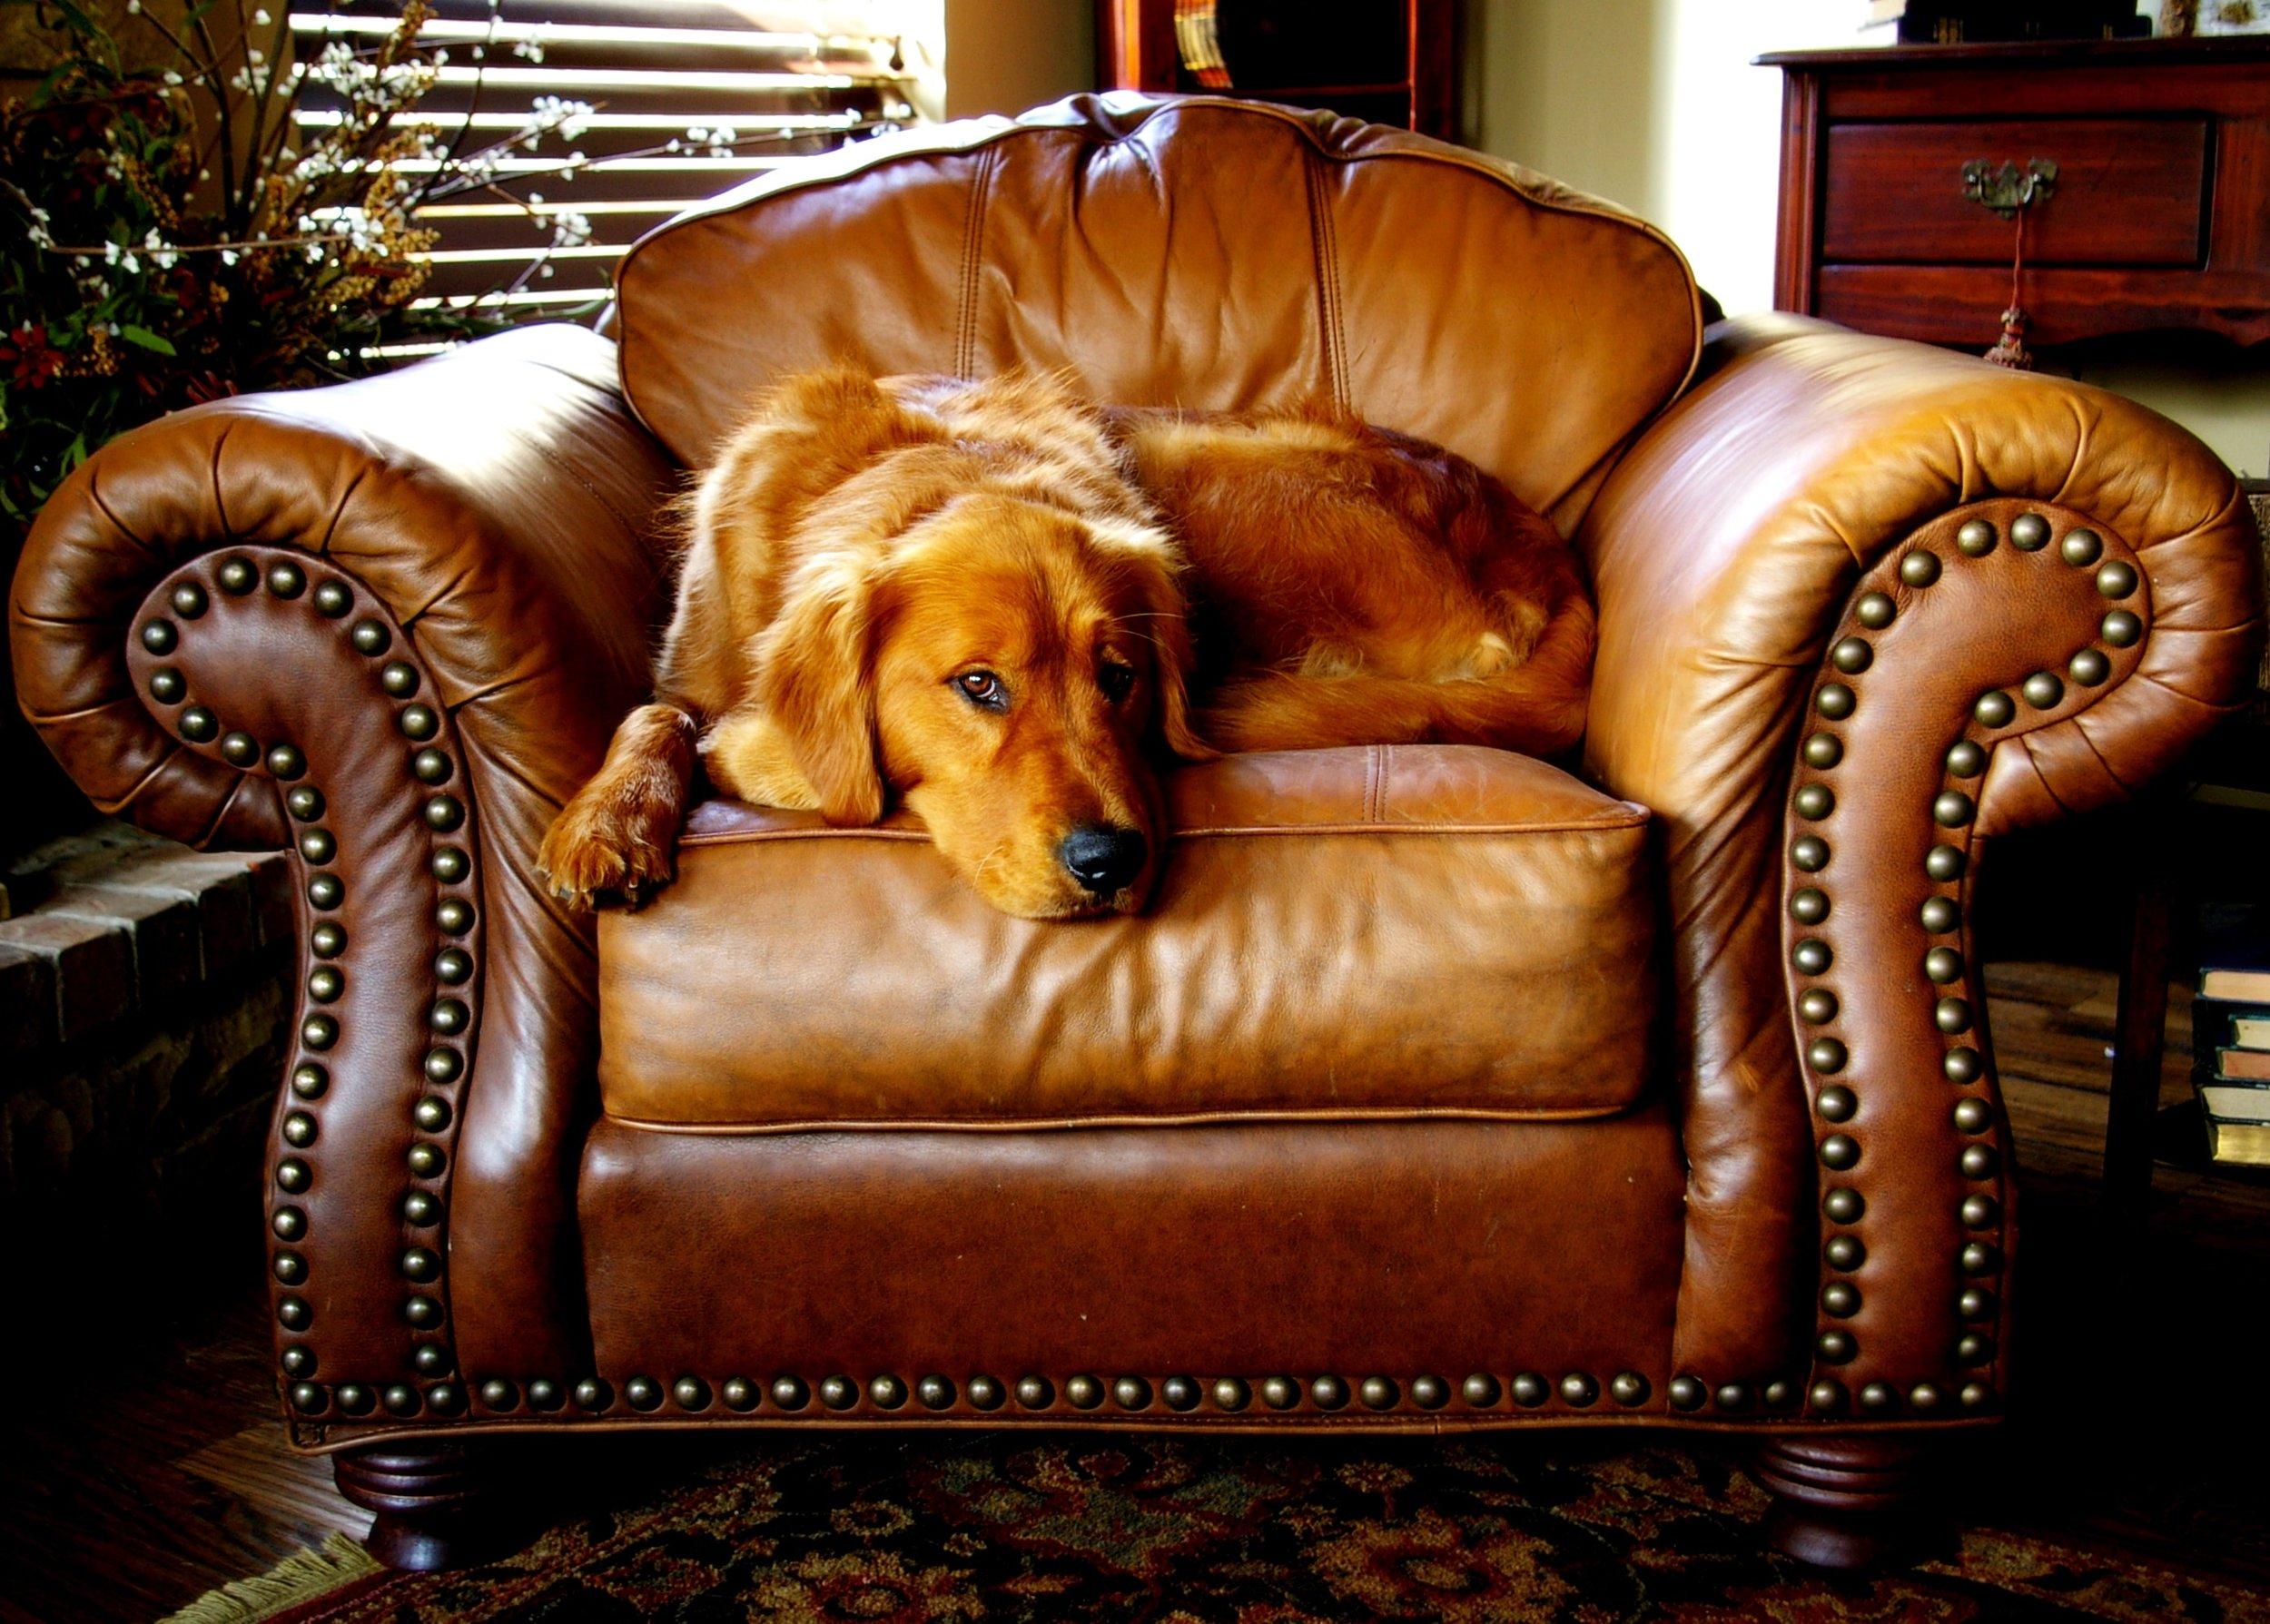 canine-chair-cushion-546228.jpg